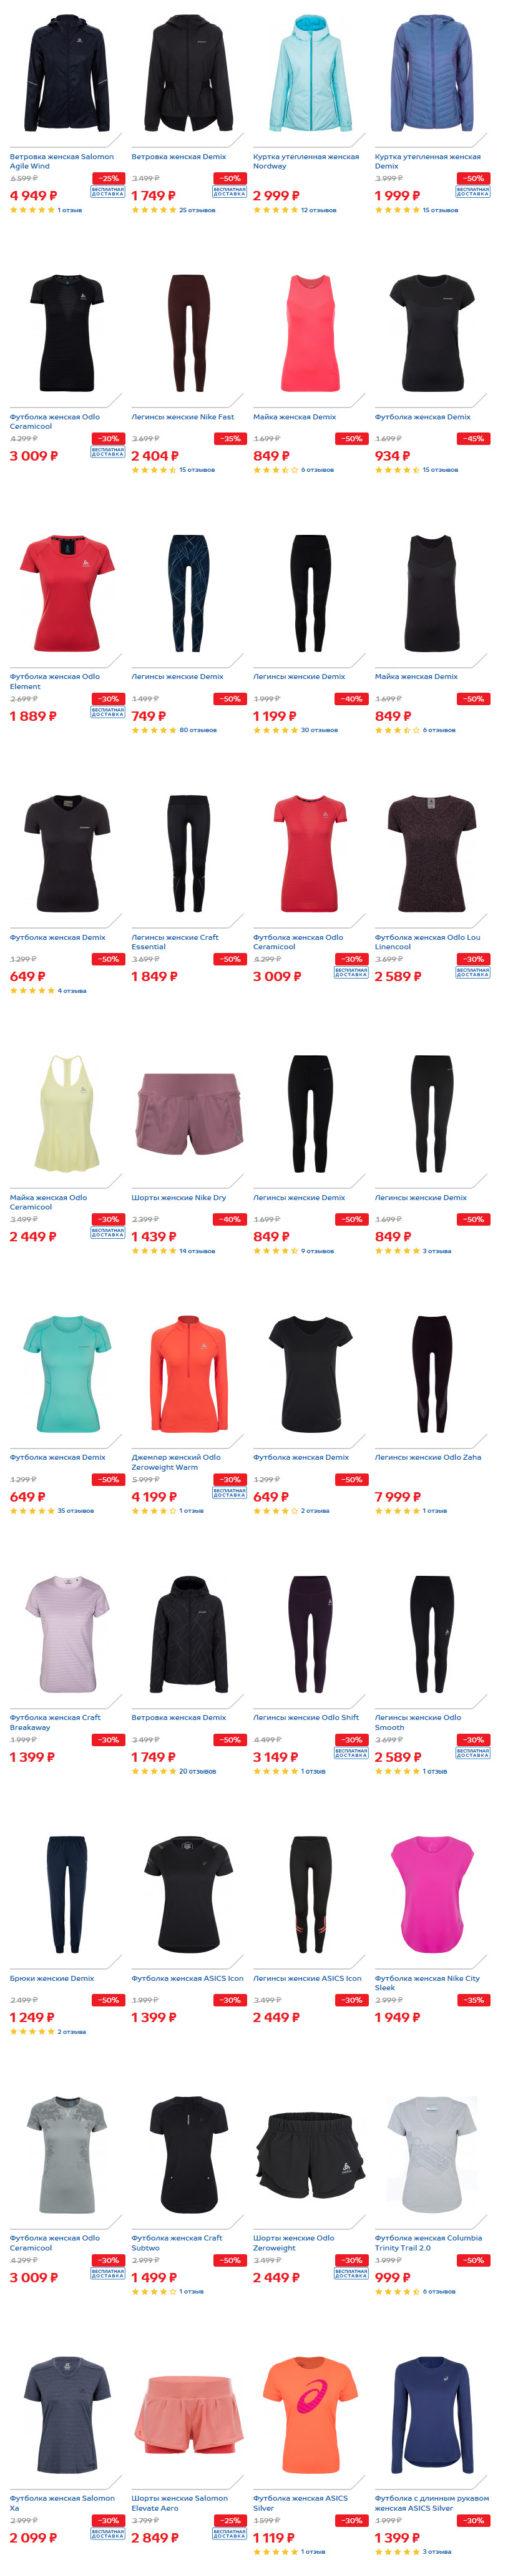 Женская одежда для бега